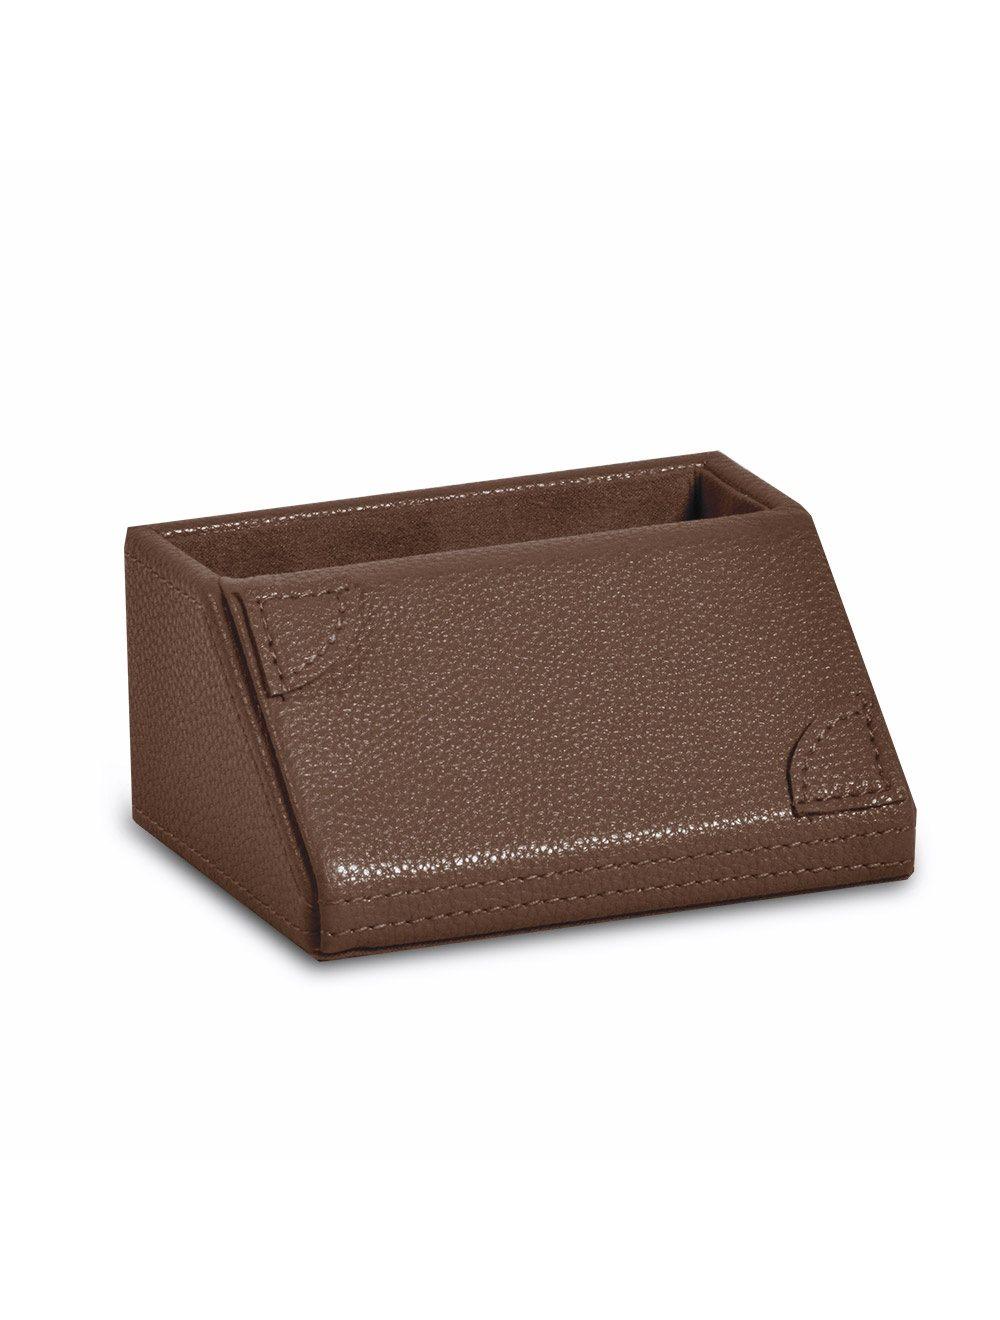 New Desk Business Card Holder - Brown